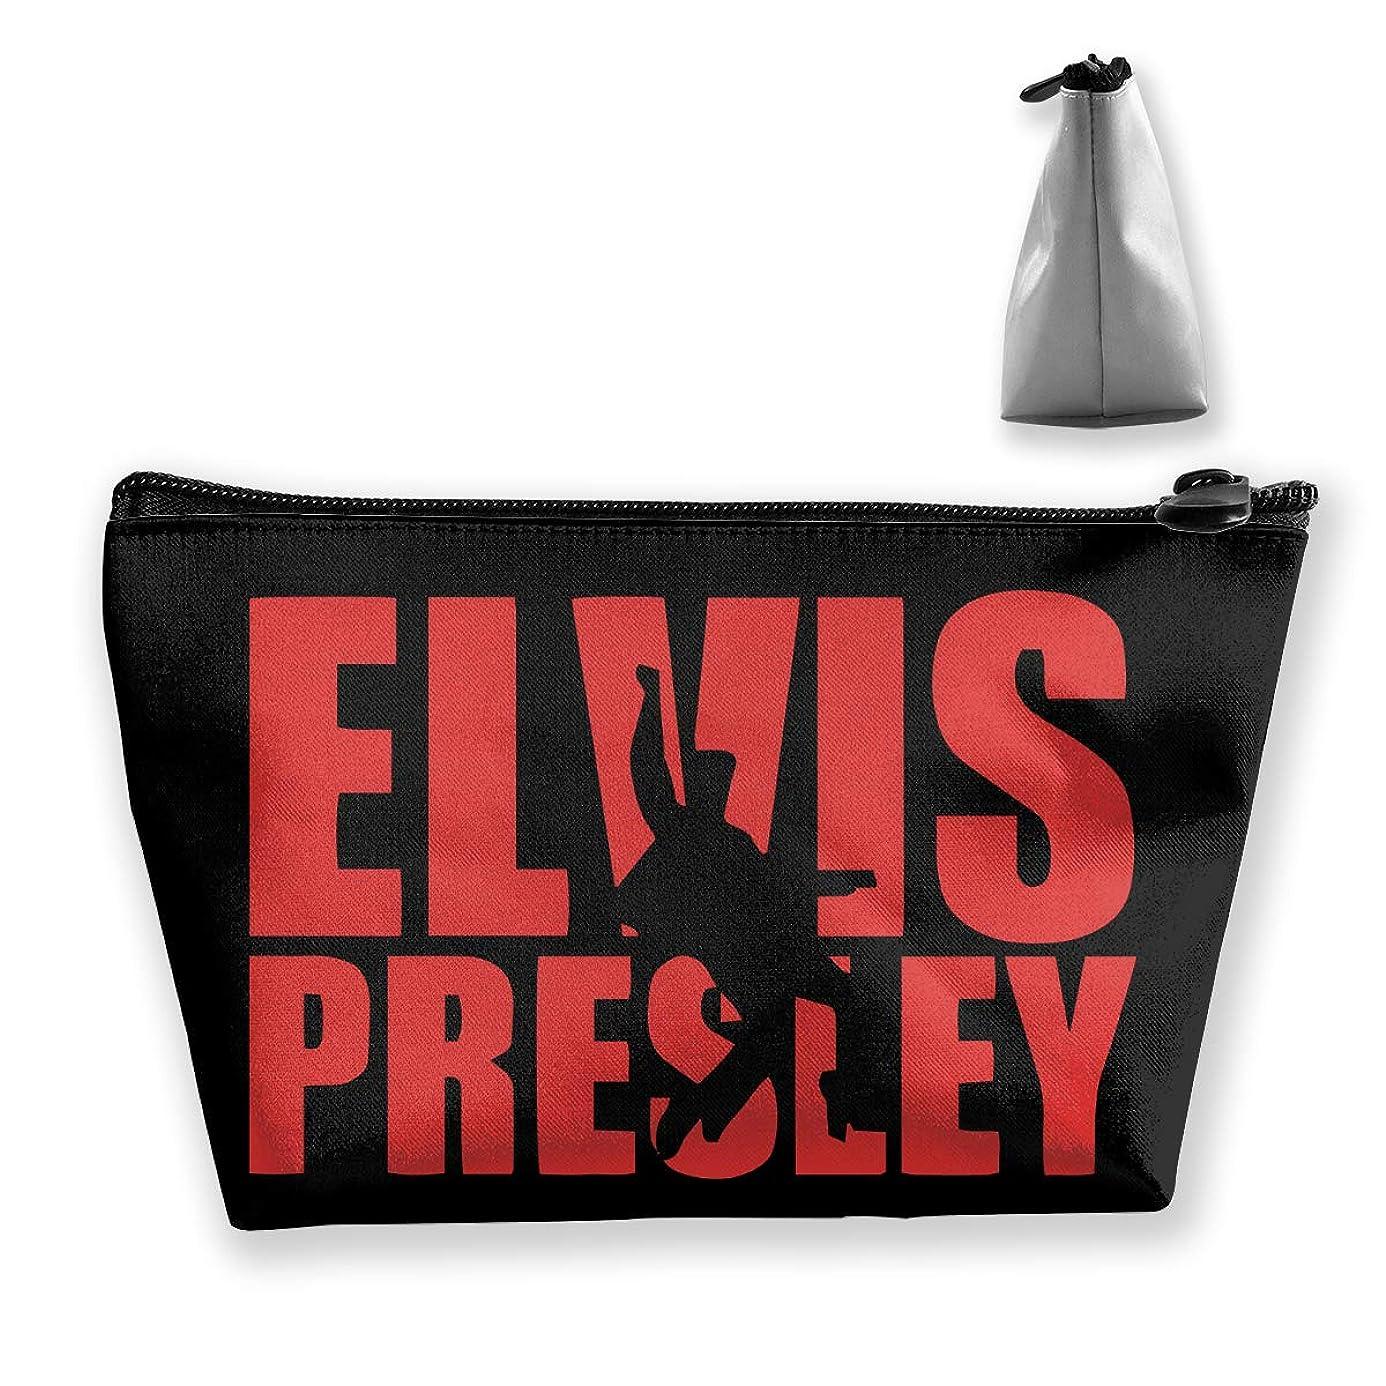 マトロン方法論ペチュランスエルヴィス プレスリー 英字プリント Elvis Presley 収納バッグ 化粧バッグ メイクポーチ 化粧品収納 ラダー トラベルポーチ 小物入れ 普段使い 機能的 大容量 旅行も便利 撥水する防水ポーチ ユニークバック